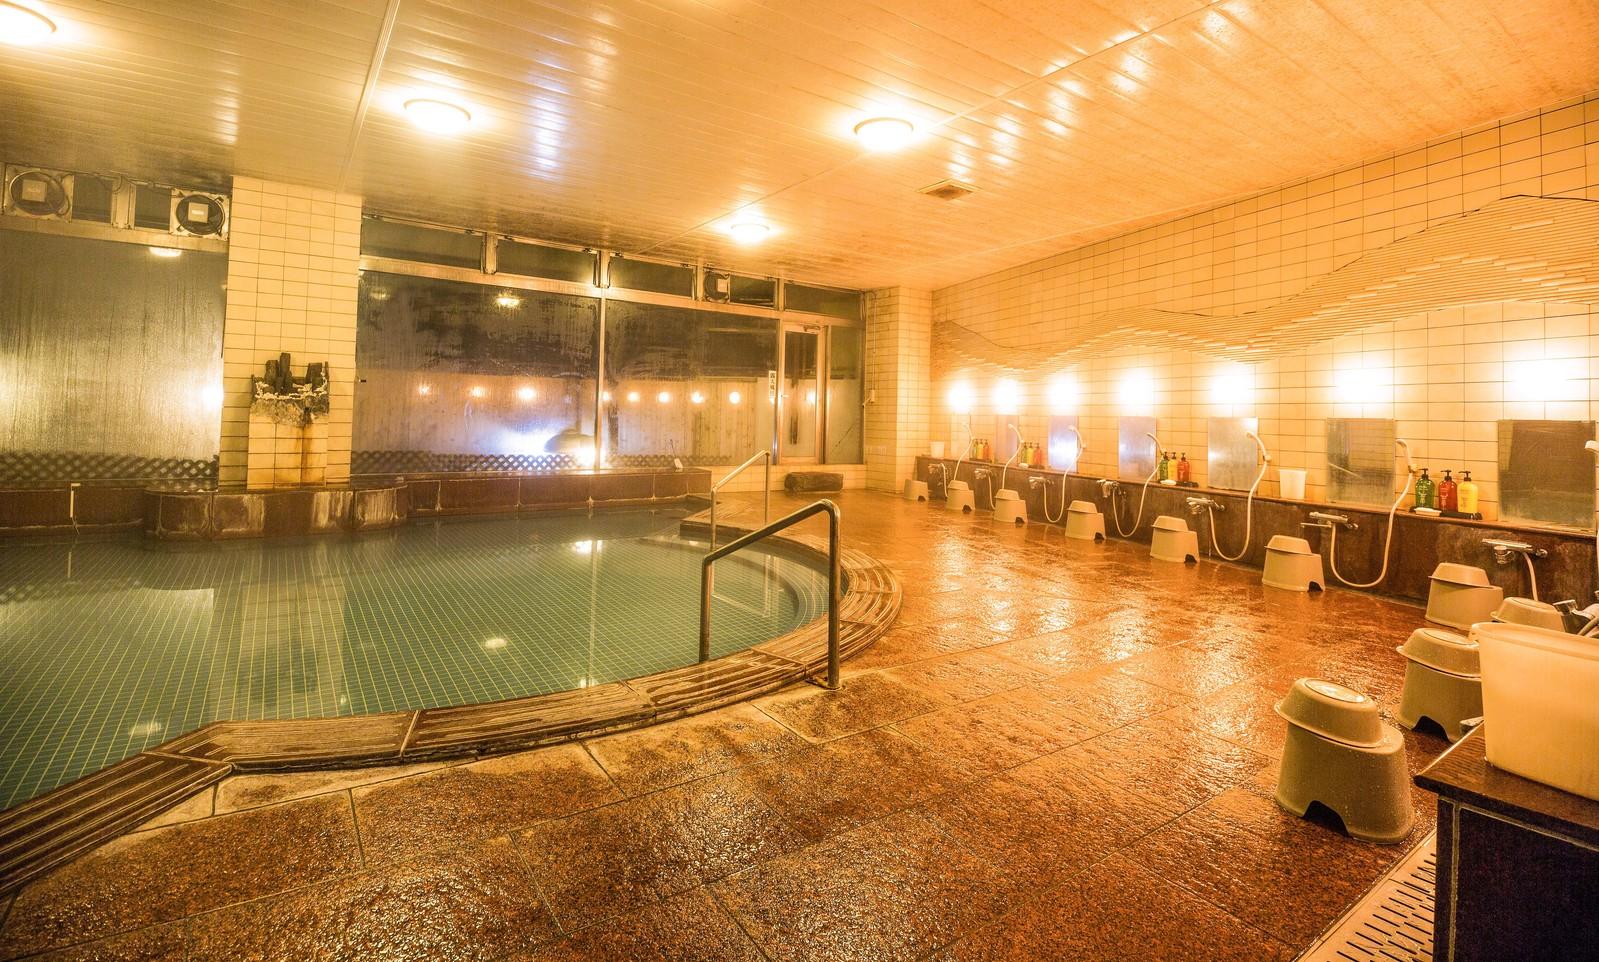 横浜の銭湯に行こう!安い24時間営業の所や早朝から入浴可能店等をご紹介